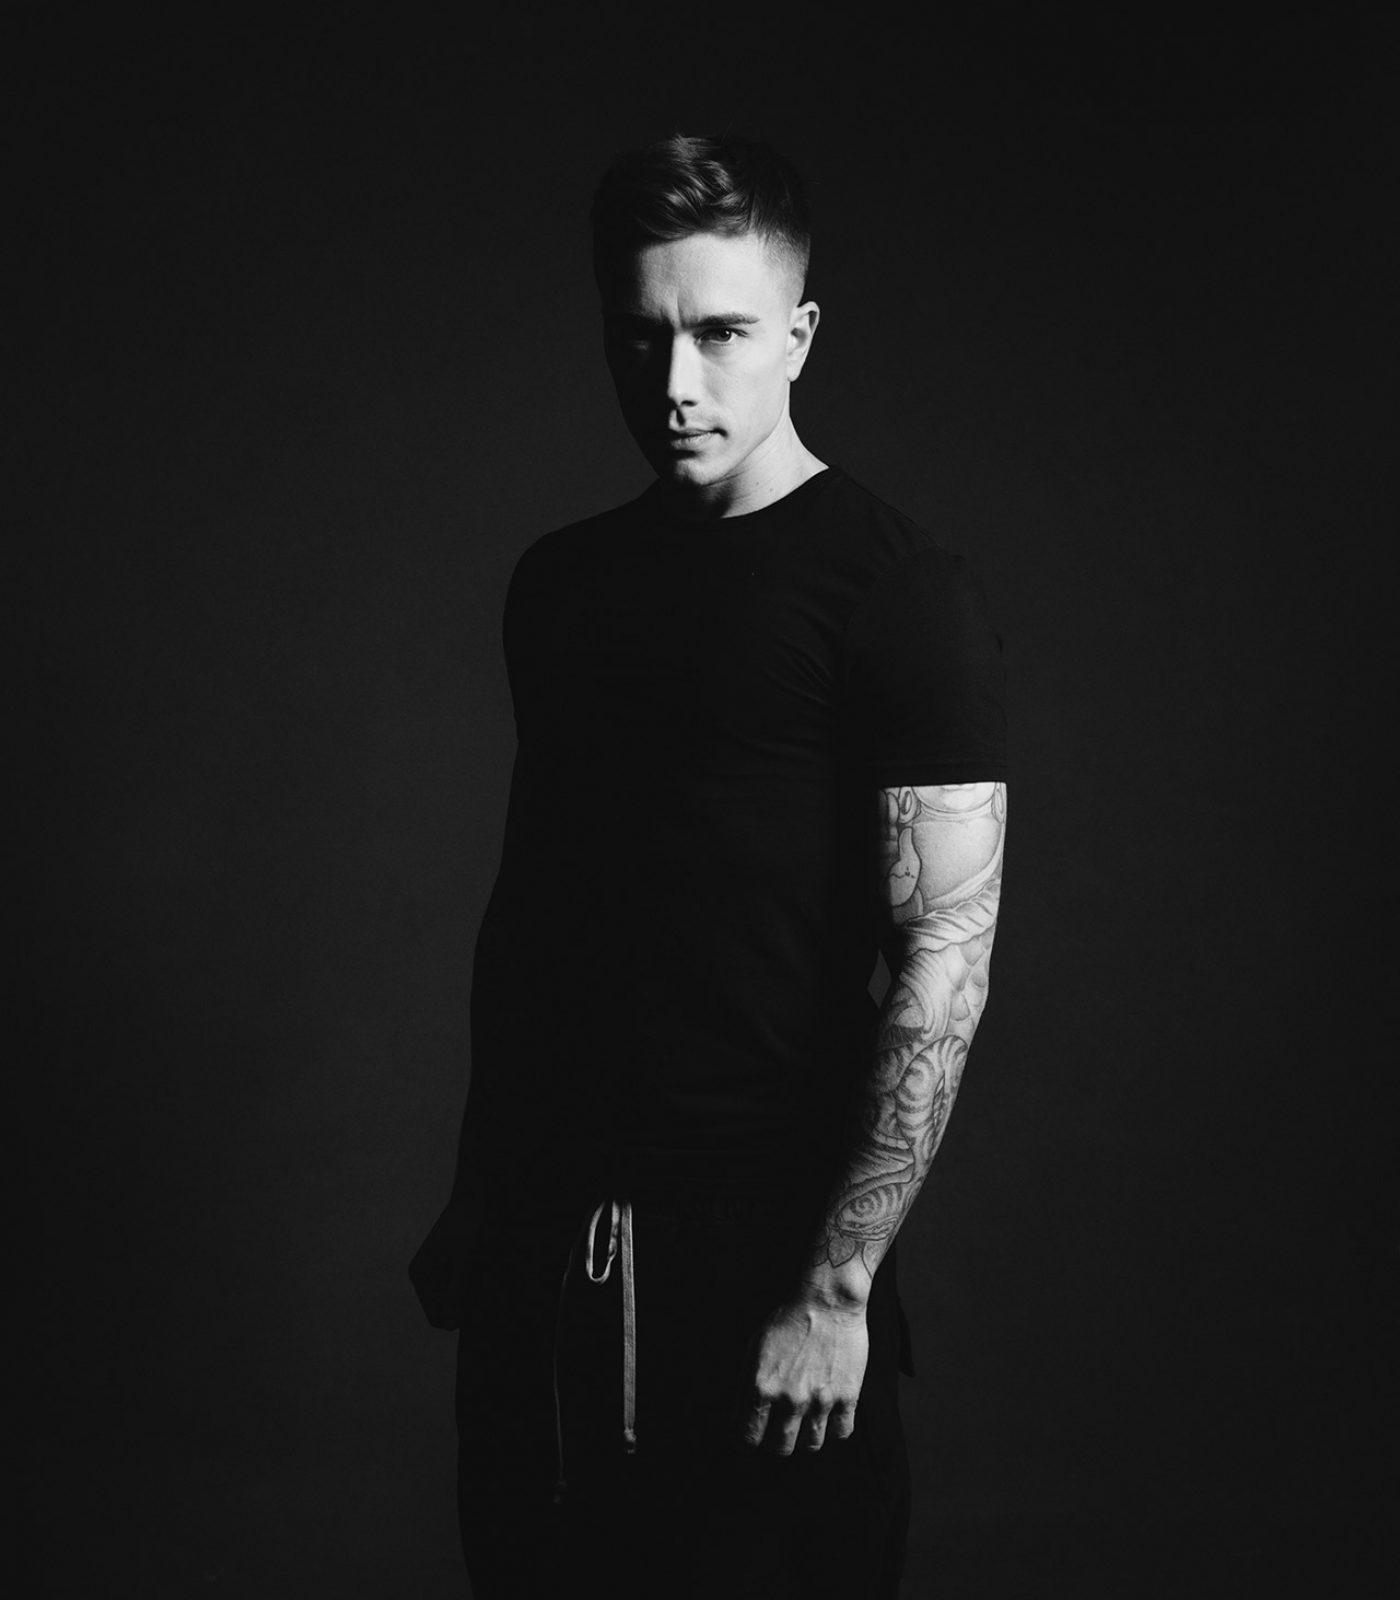 HEADHUNTERZ - Virgo Music Mgmt